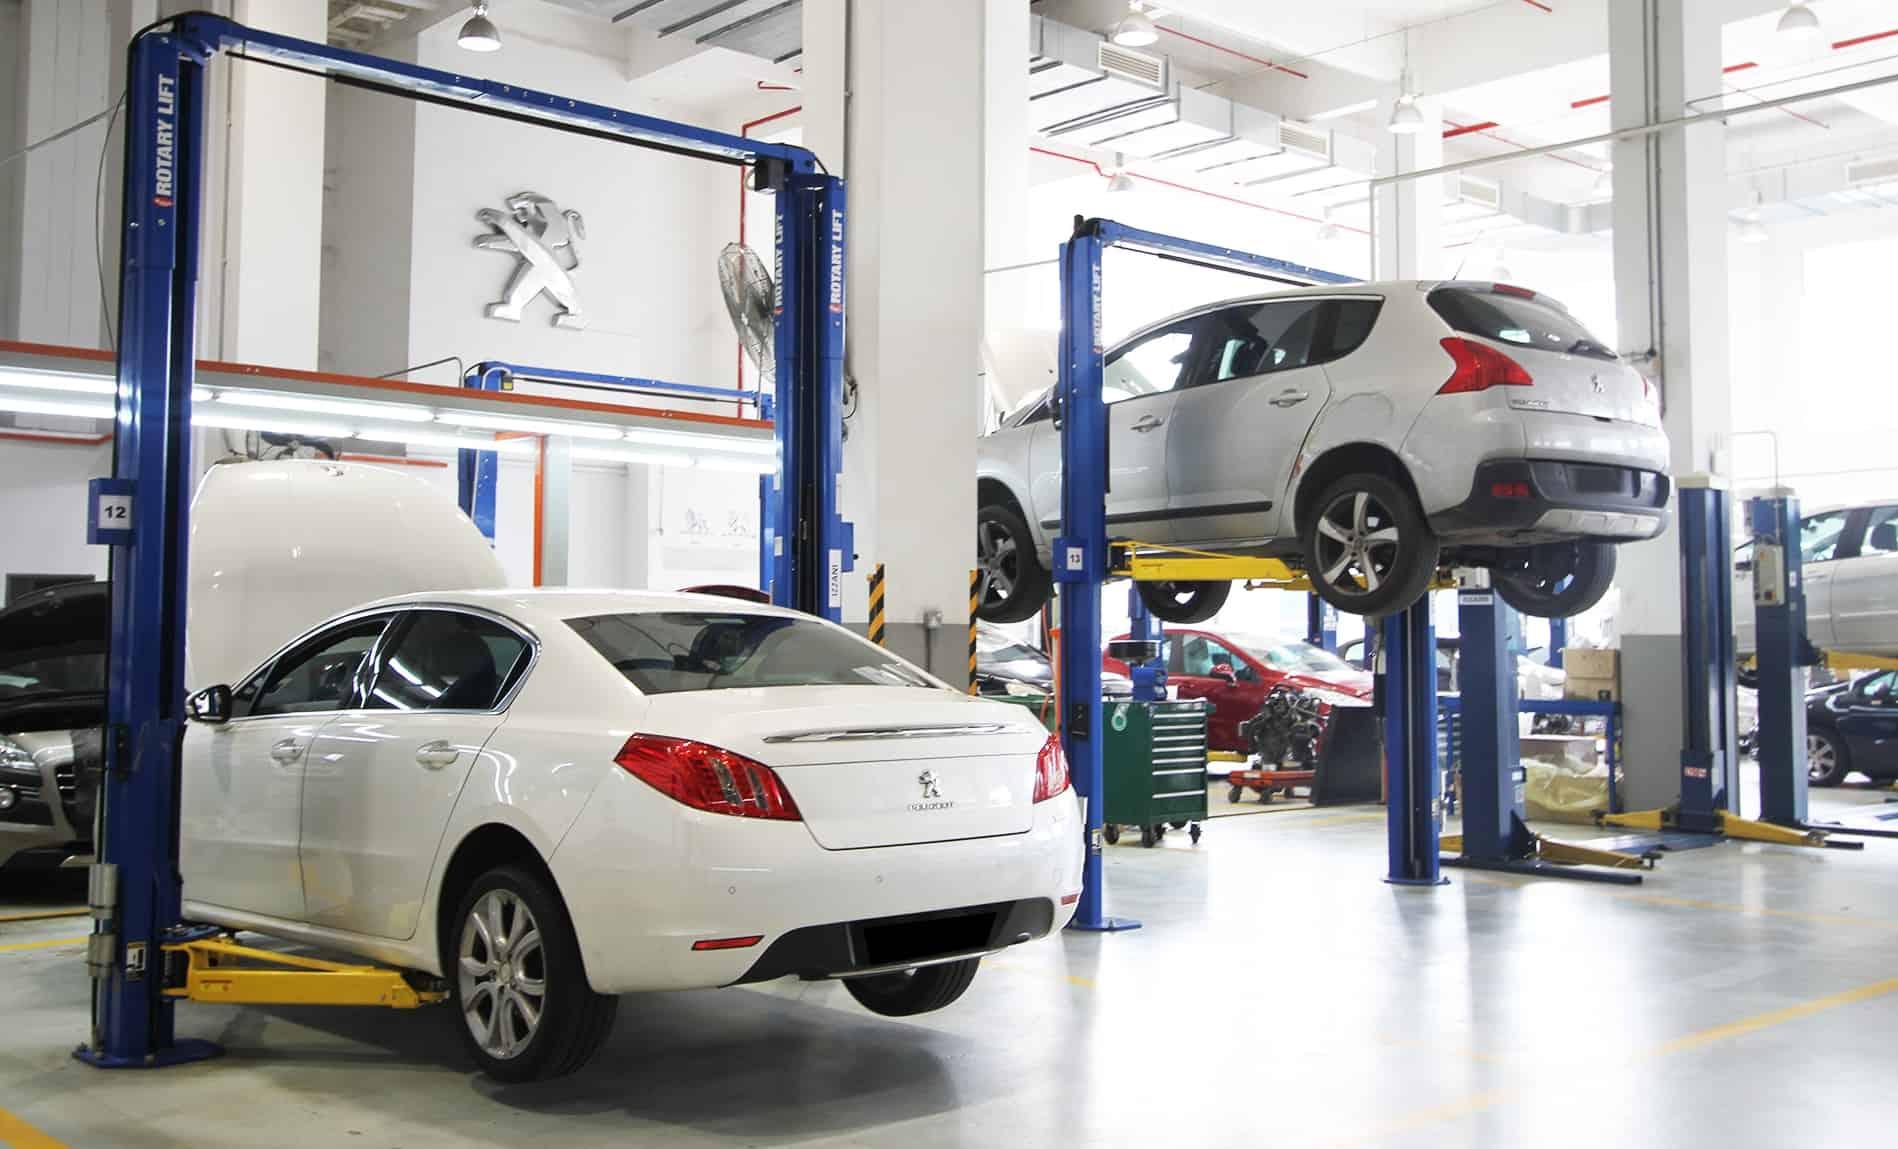 Xειμερινός έλεγχος Peugeot